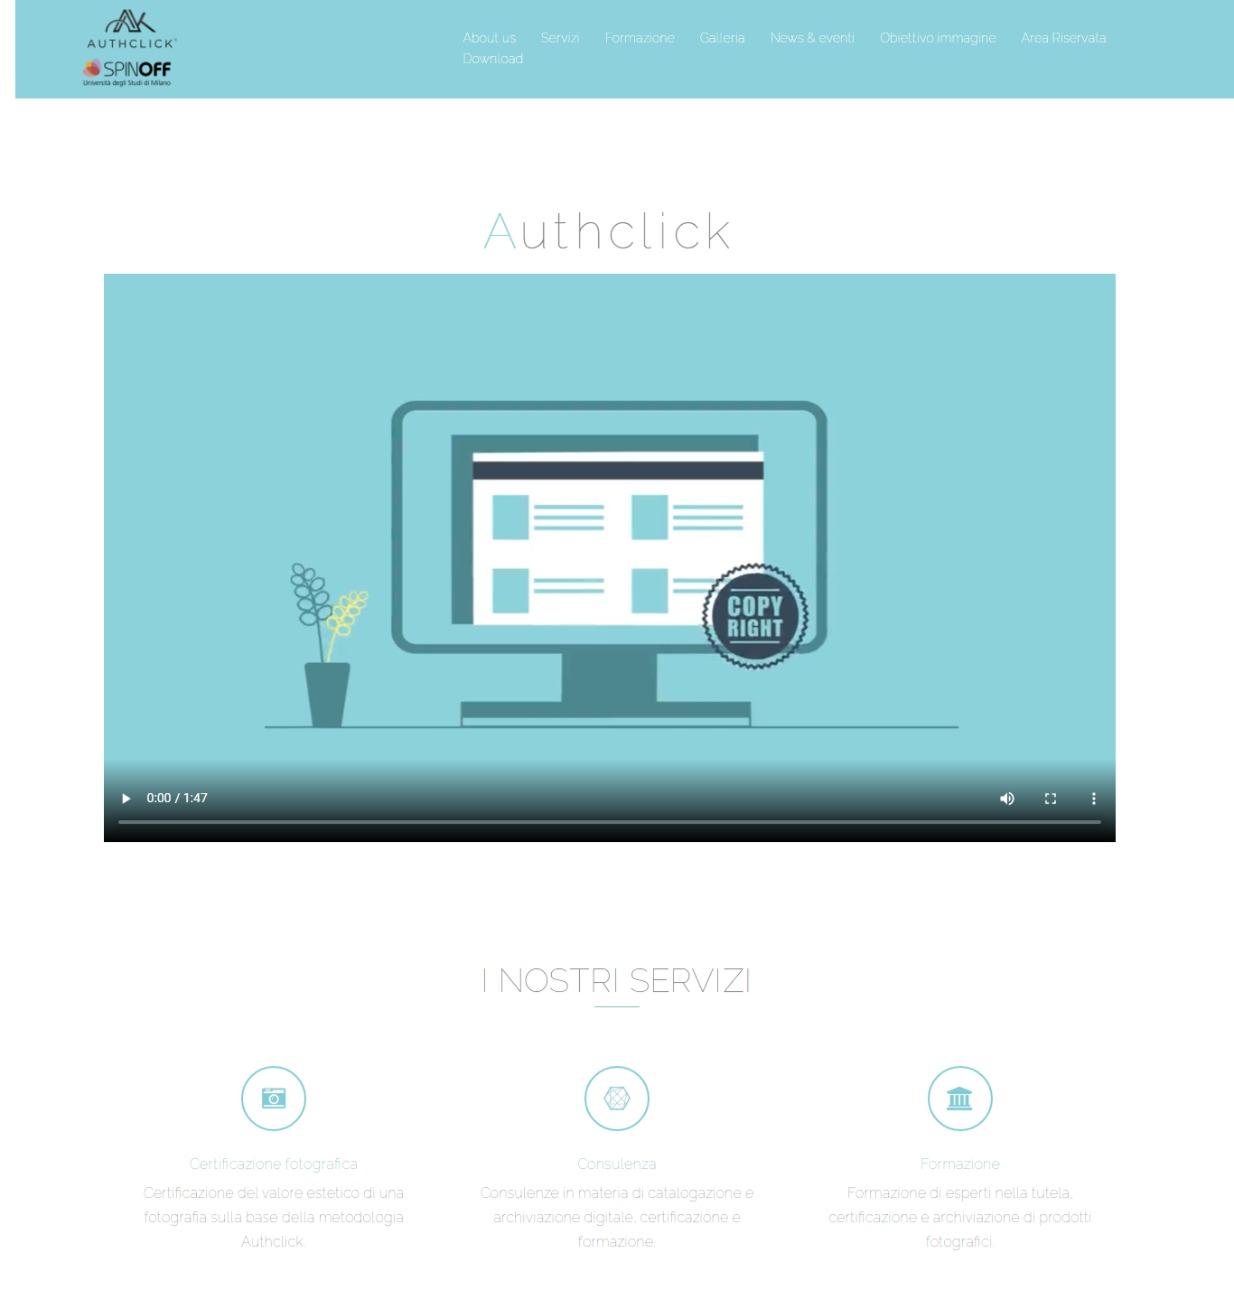 La home page di Authclick